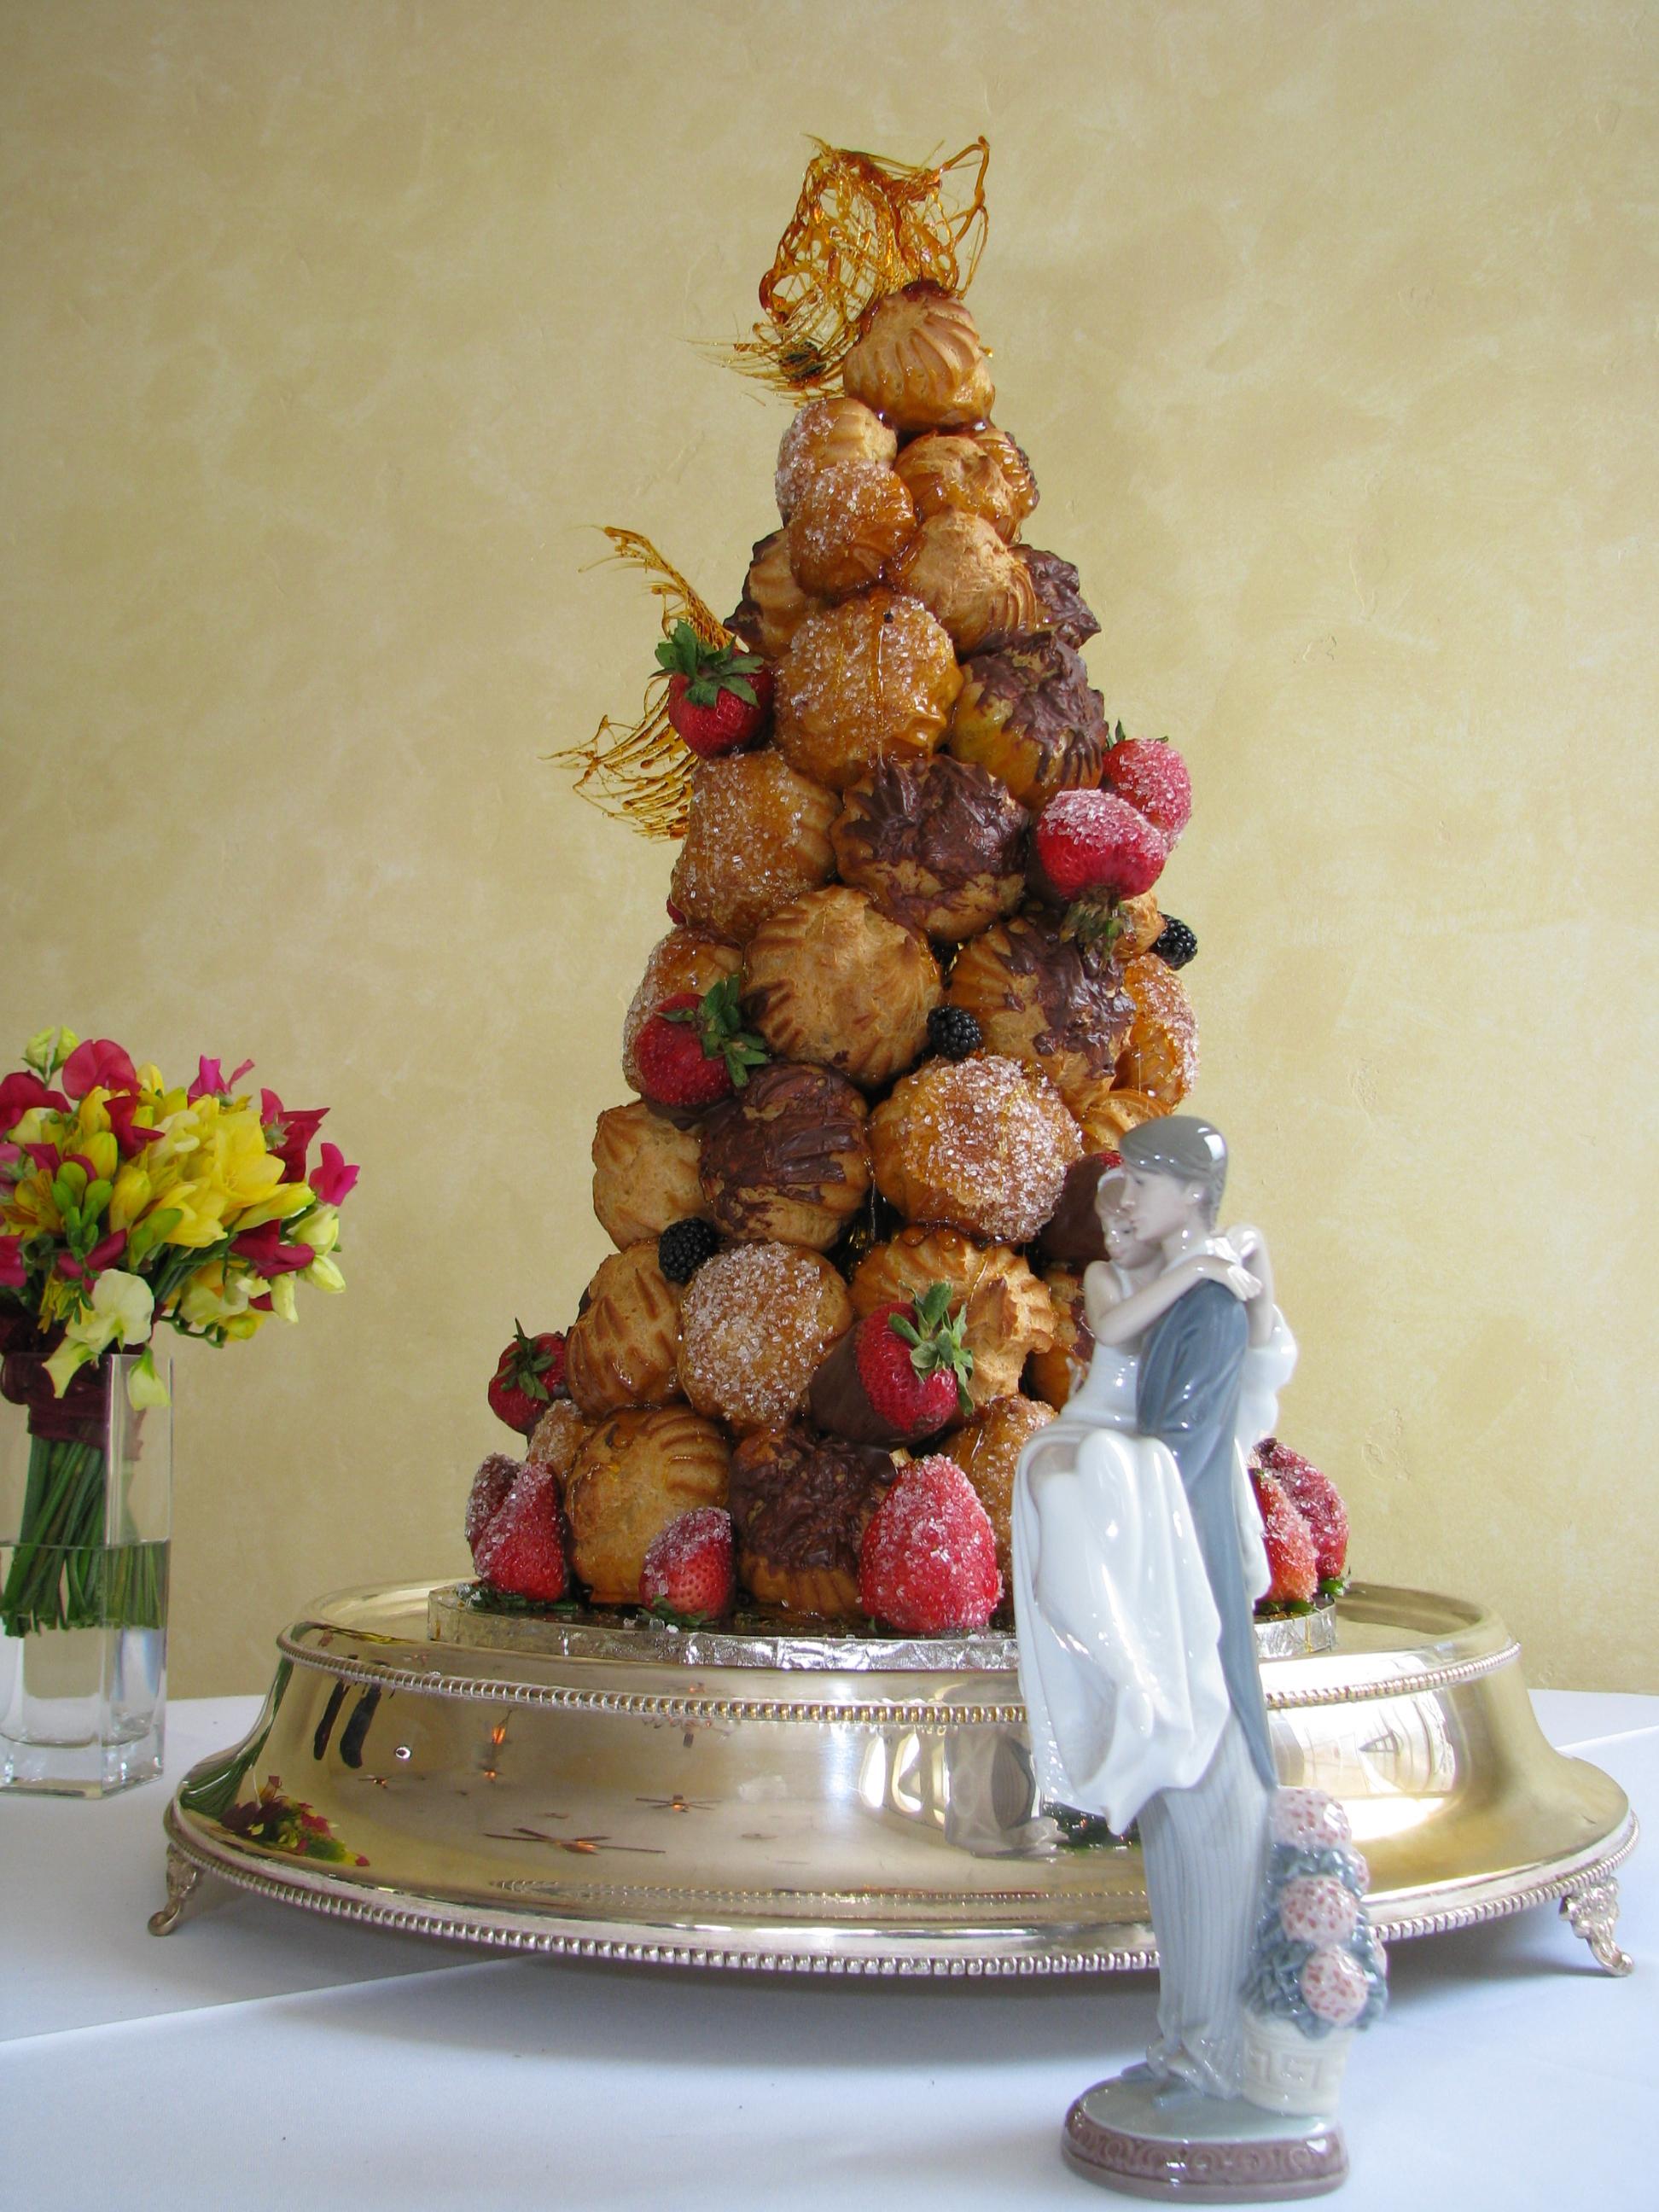 Kool Cakes Latest News